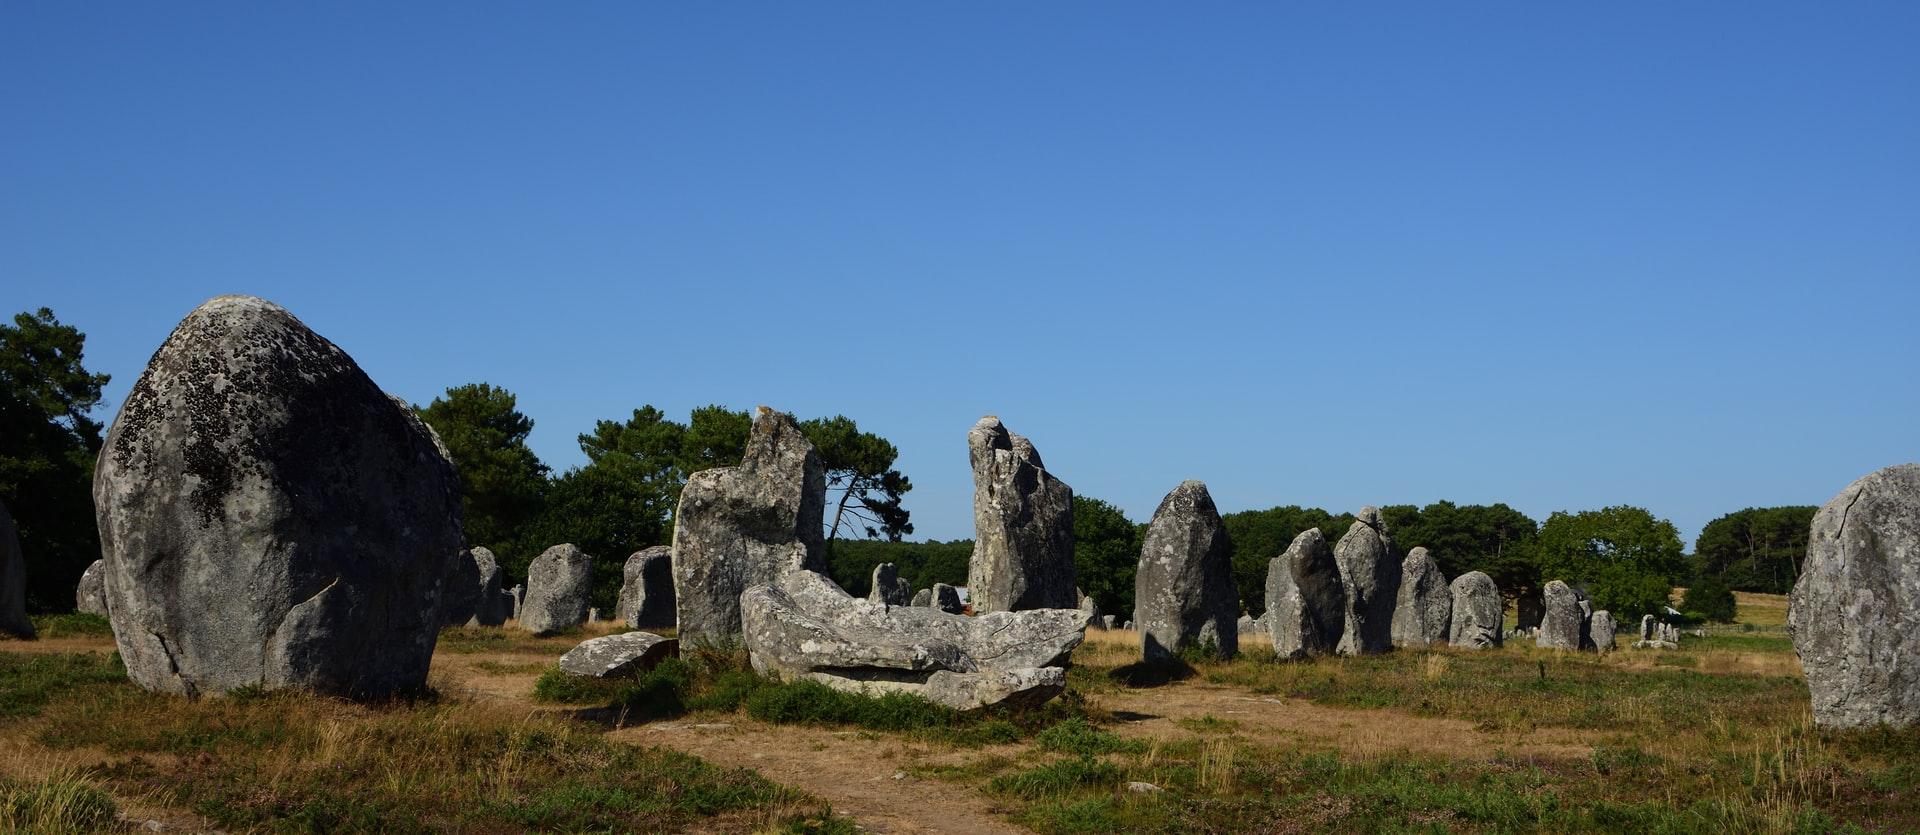 u neolitu